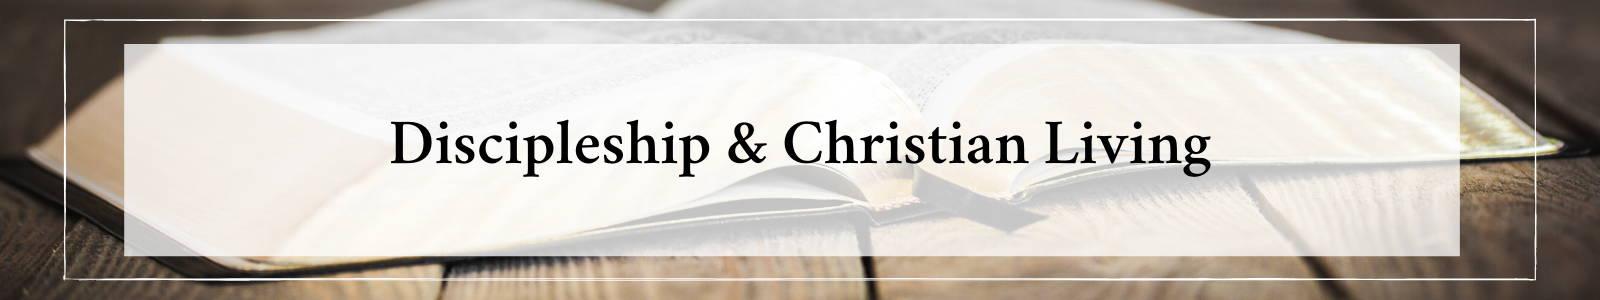 Discipleship & Christian Living Studies